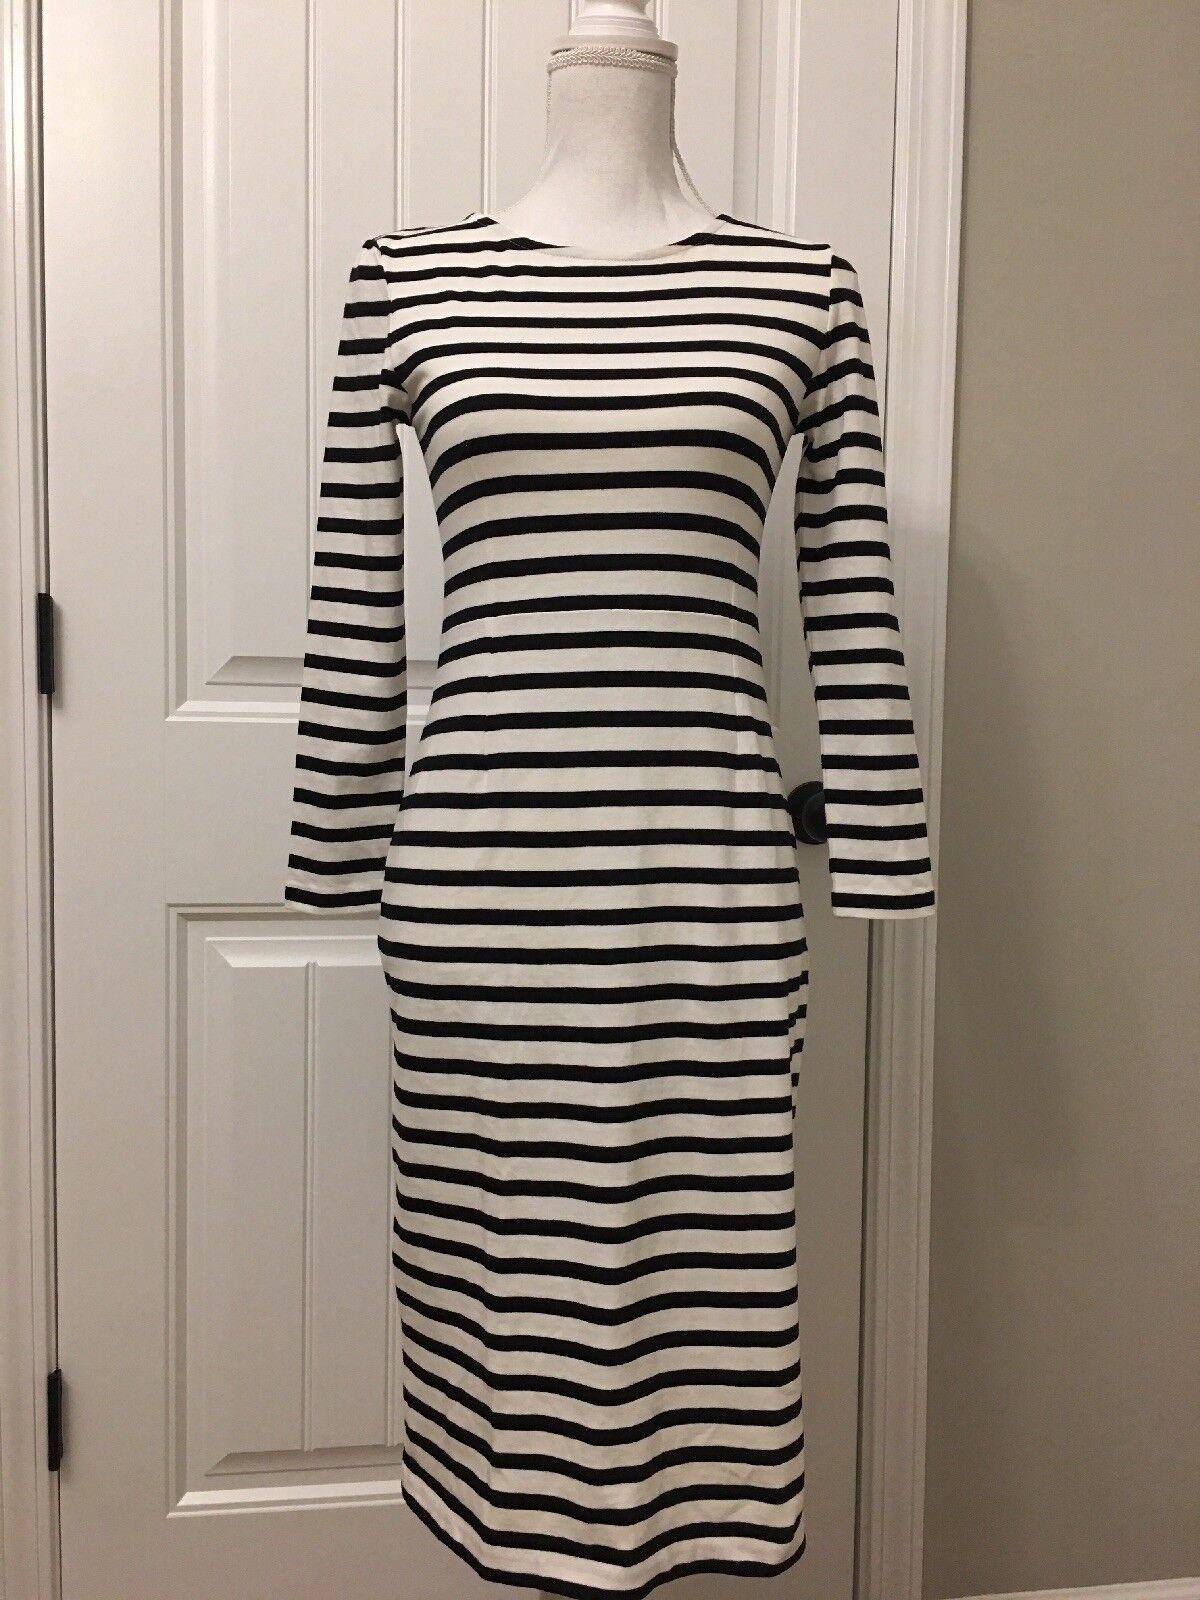 New J Crew Petite Long-sleeve Striped Dress Weiß schwarz Sz 2P G8837